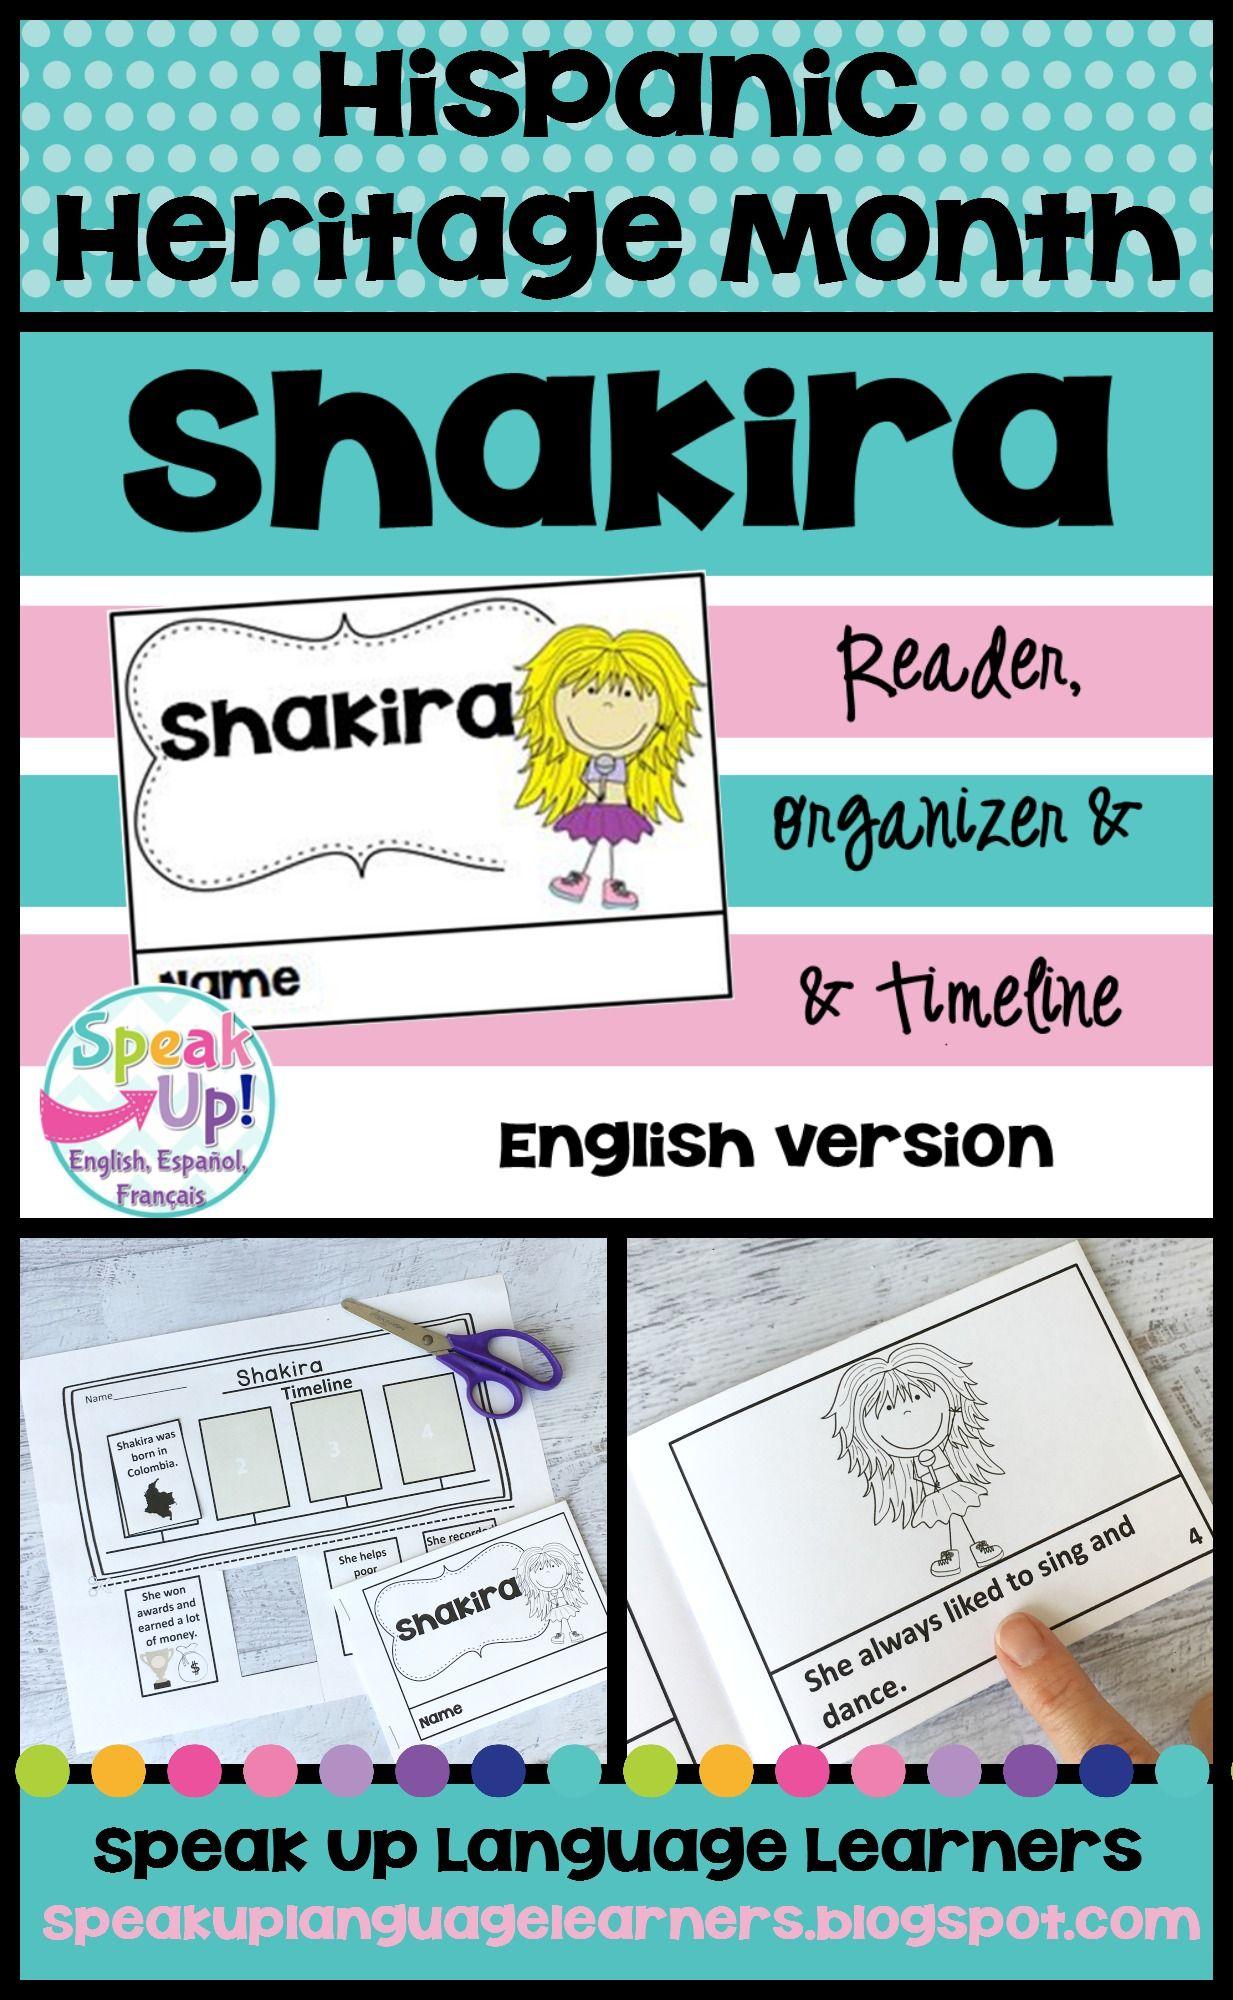 Shakira Reader Hispanic Heritage Month Organizer Timeline English Version Hispanic Heritage Month Hispanic Heritage Hispanic Heritage Month Lessons [ 2000 x 1233 Pixel ]